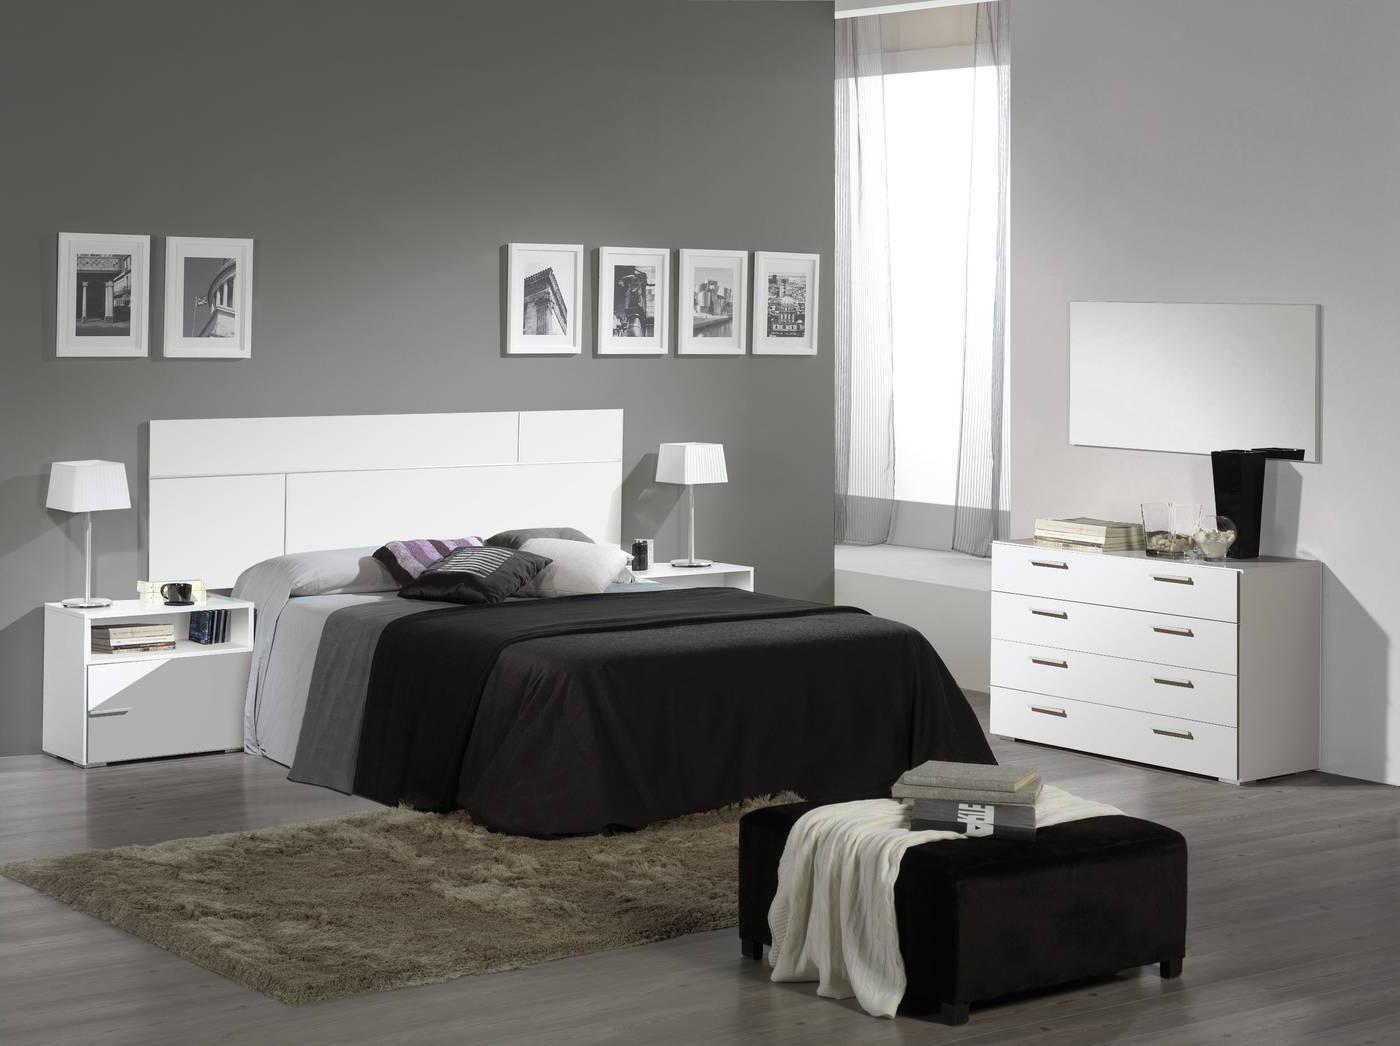 Muebles Habitacion Tqd3 Muebles De Habitacion En Blanco Blancos Imagenes Habitaciones Con